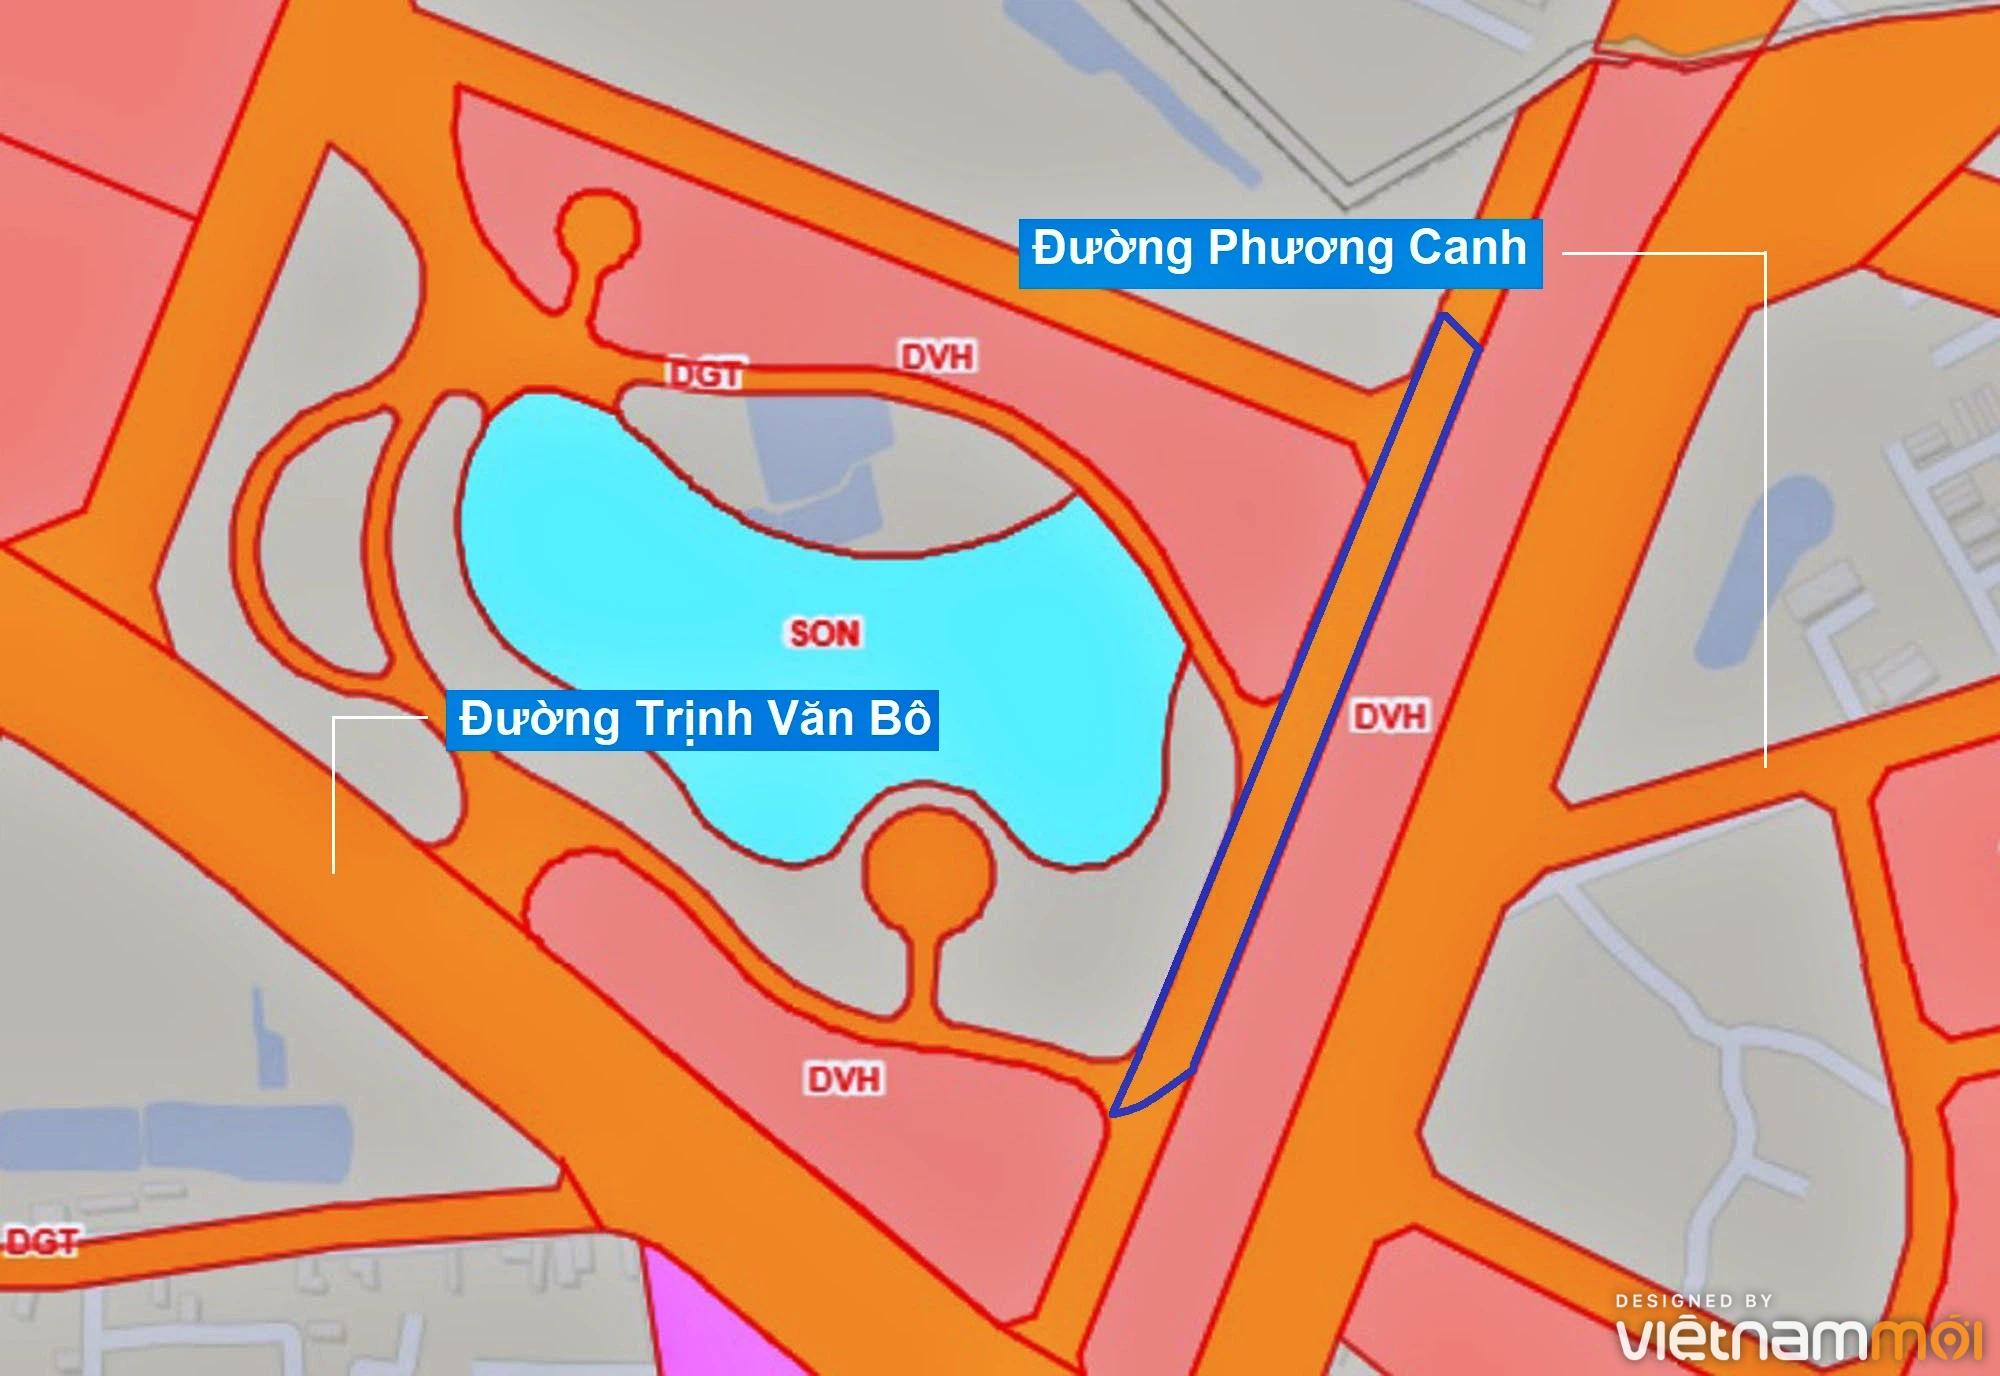 Những khu đất sắp thu hồi để mở đường ở phường Phương Canh, Nam Từ Liêm, Hà Nội (phần 3) - Ảnh 7.